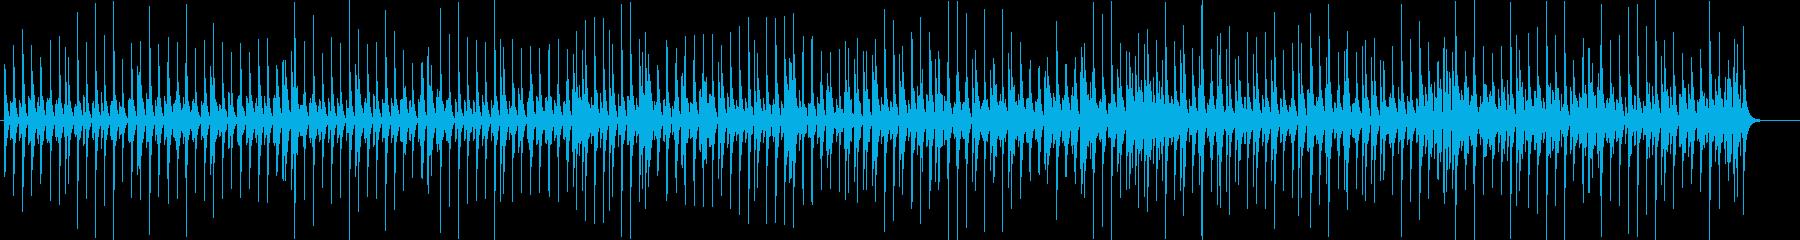 リズムゲーム風 陽気なリズムの再生済みの波形